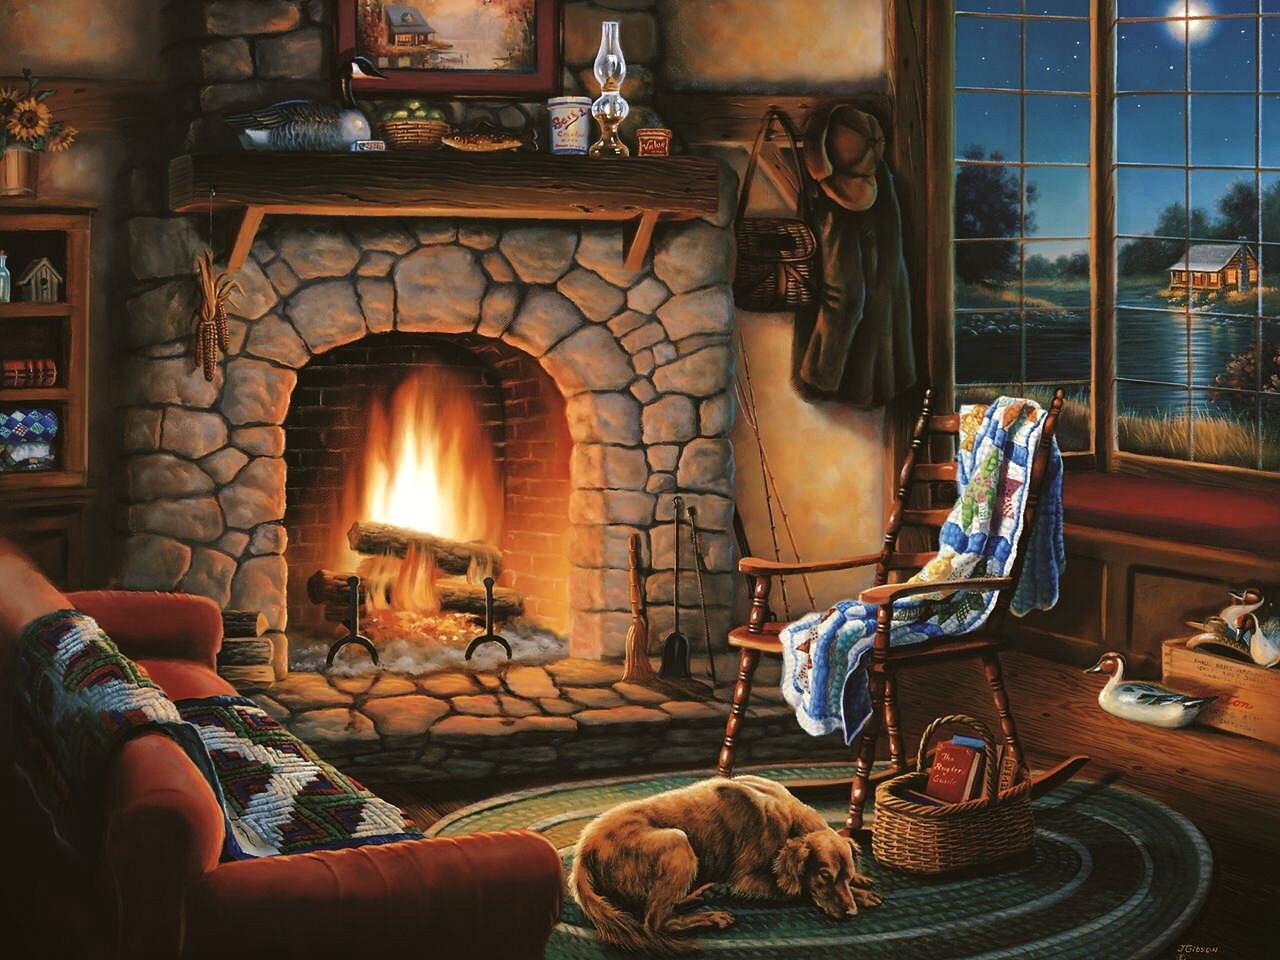 Картинки зимой у камина, пятничный вечер поздравить